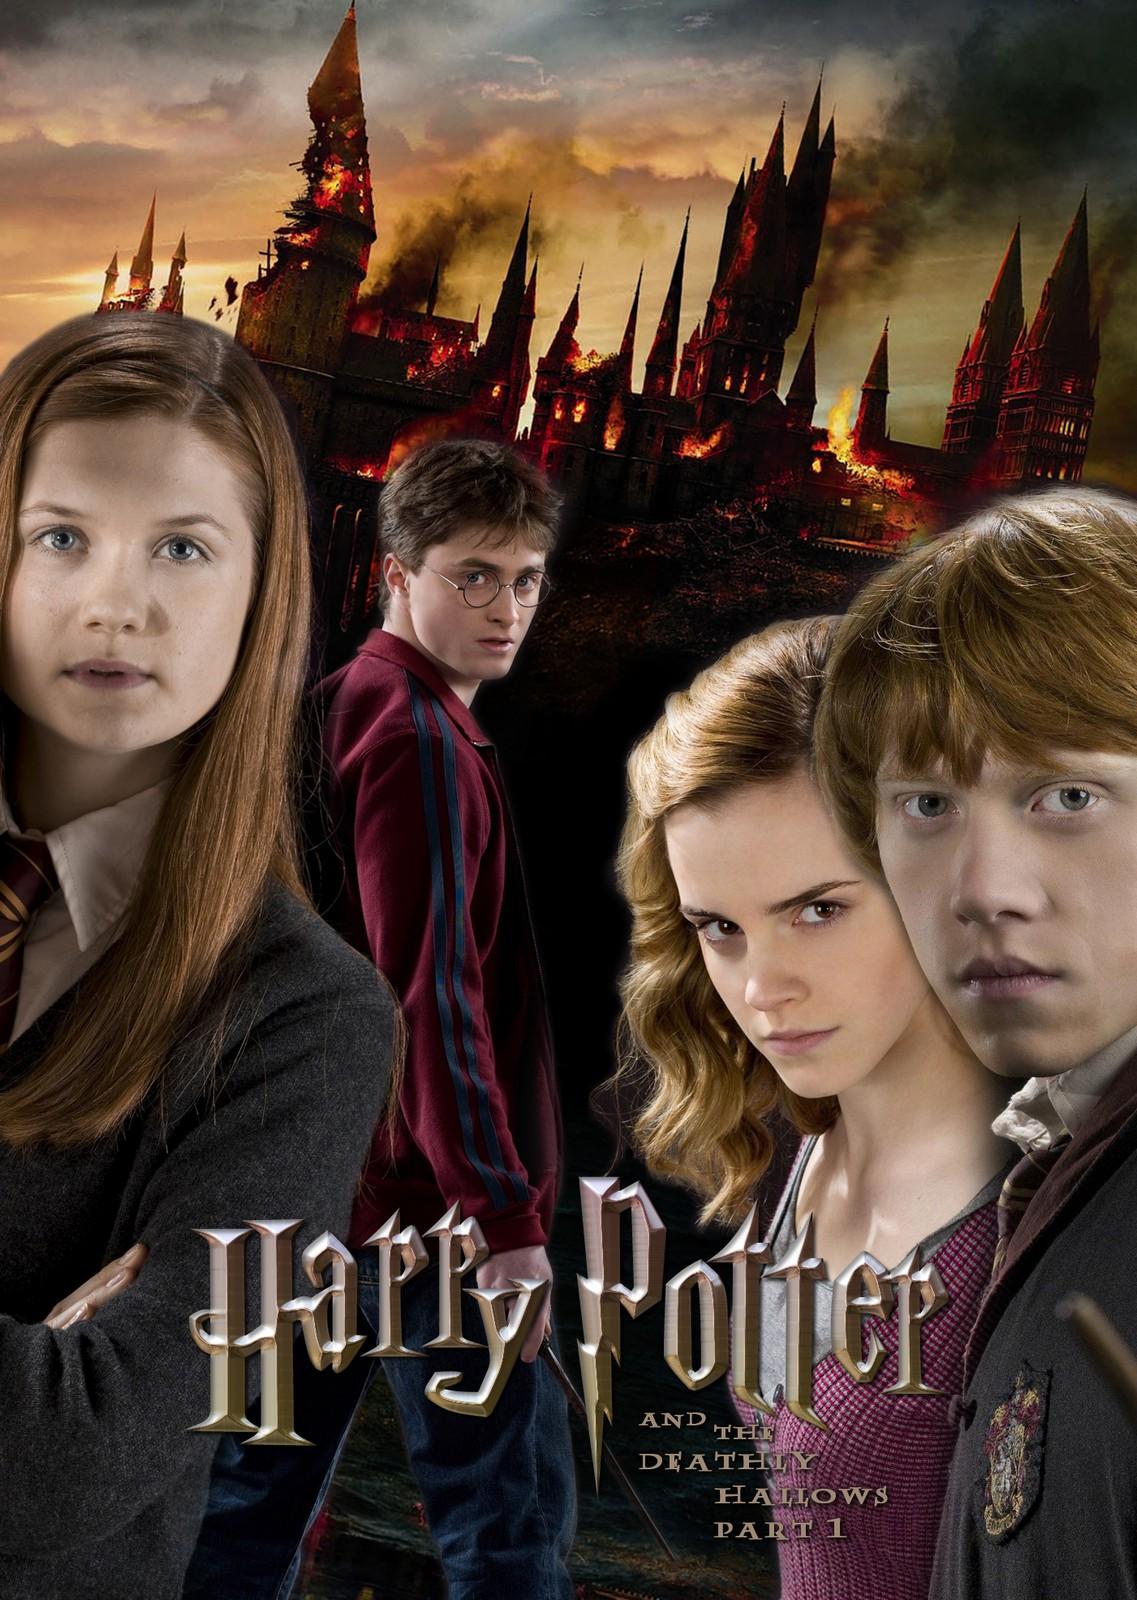 http://1.bp.blogspot.com/-feC9lpyZDaY/TnZK_eTvaHI/AAAAAAABJWA/xI2ShAkVxGU/s1600/Harry%2BPotter%2Band%2Bthe%2BDeathly%2BHallows%2B1%2BDVD%2B02.jpg